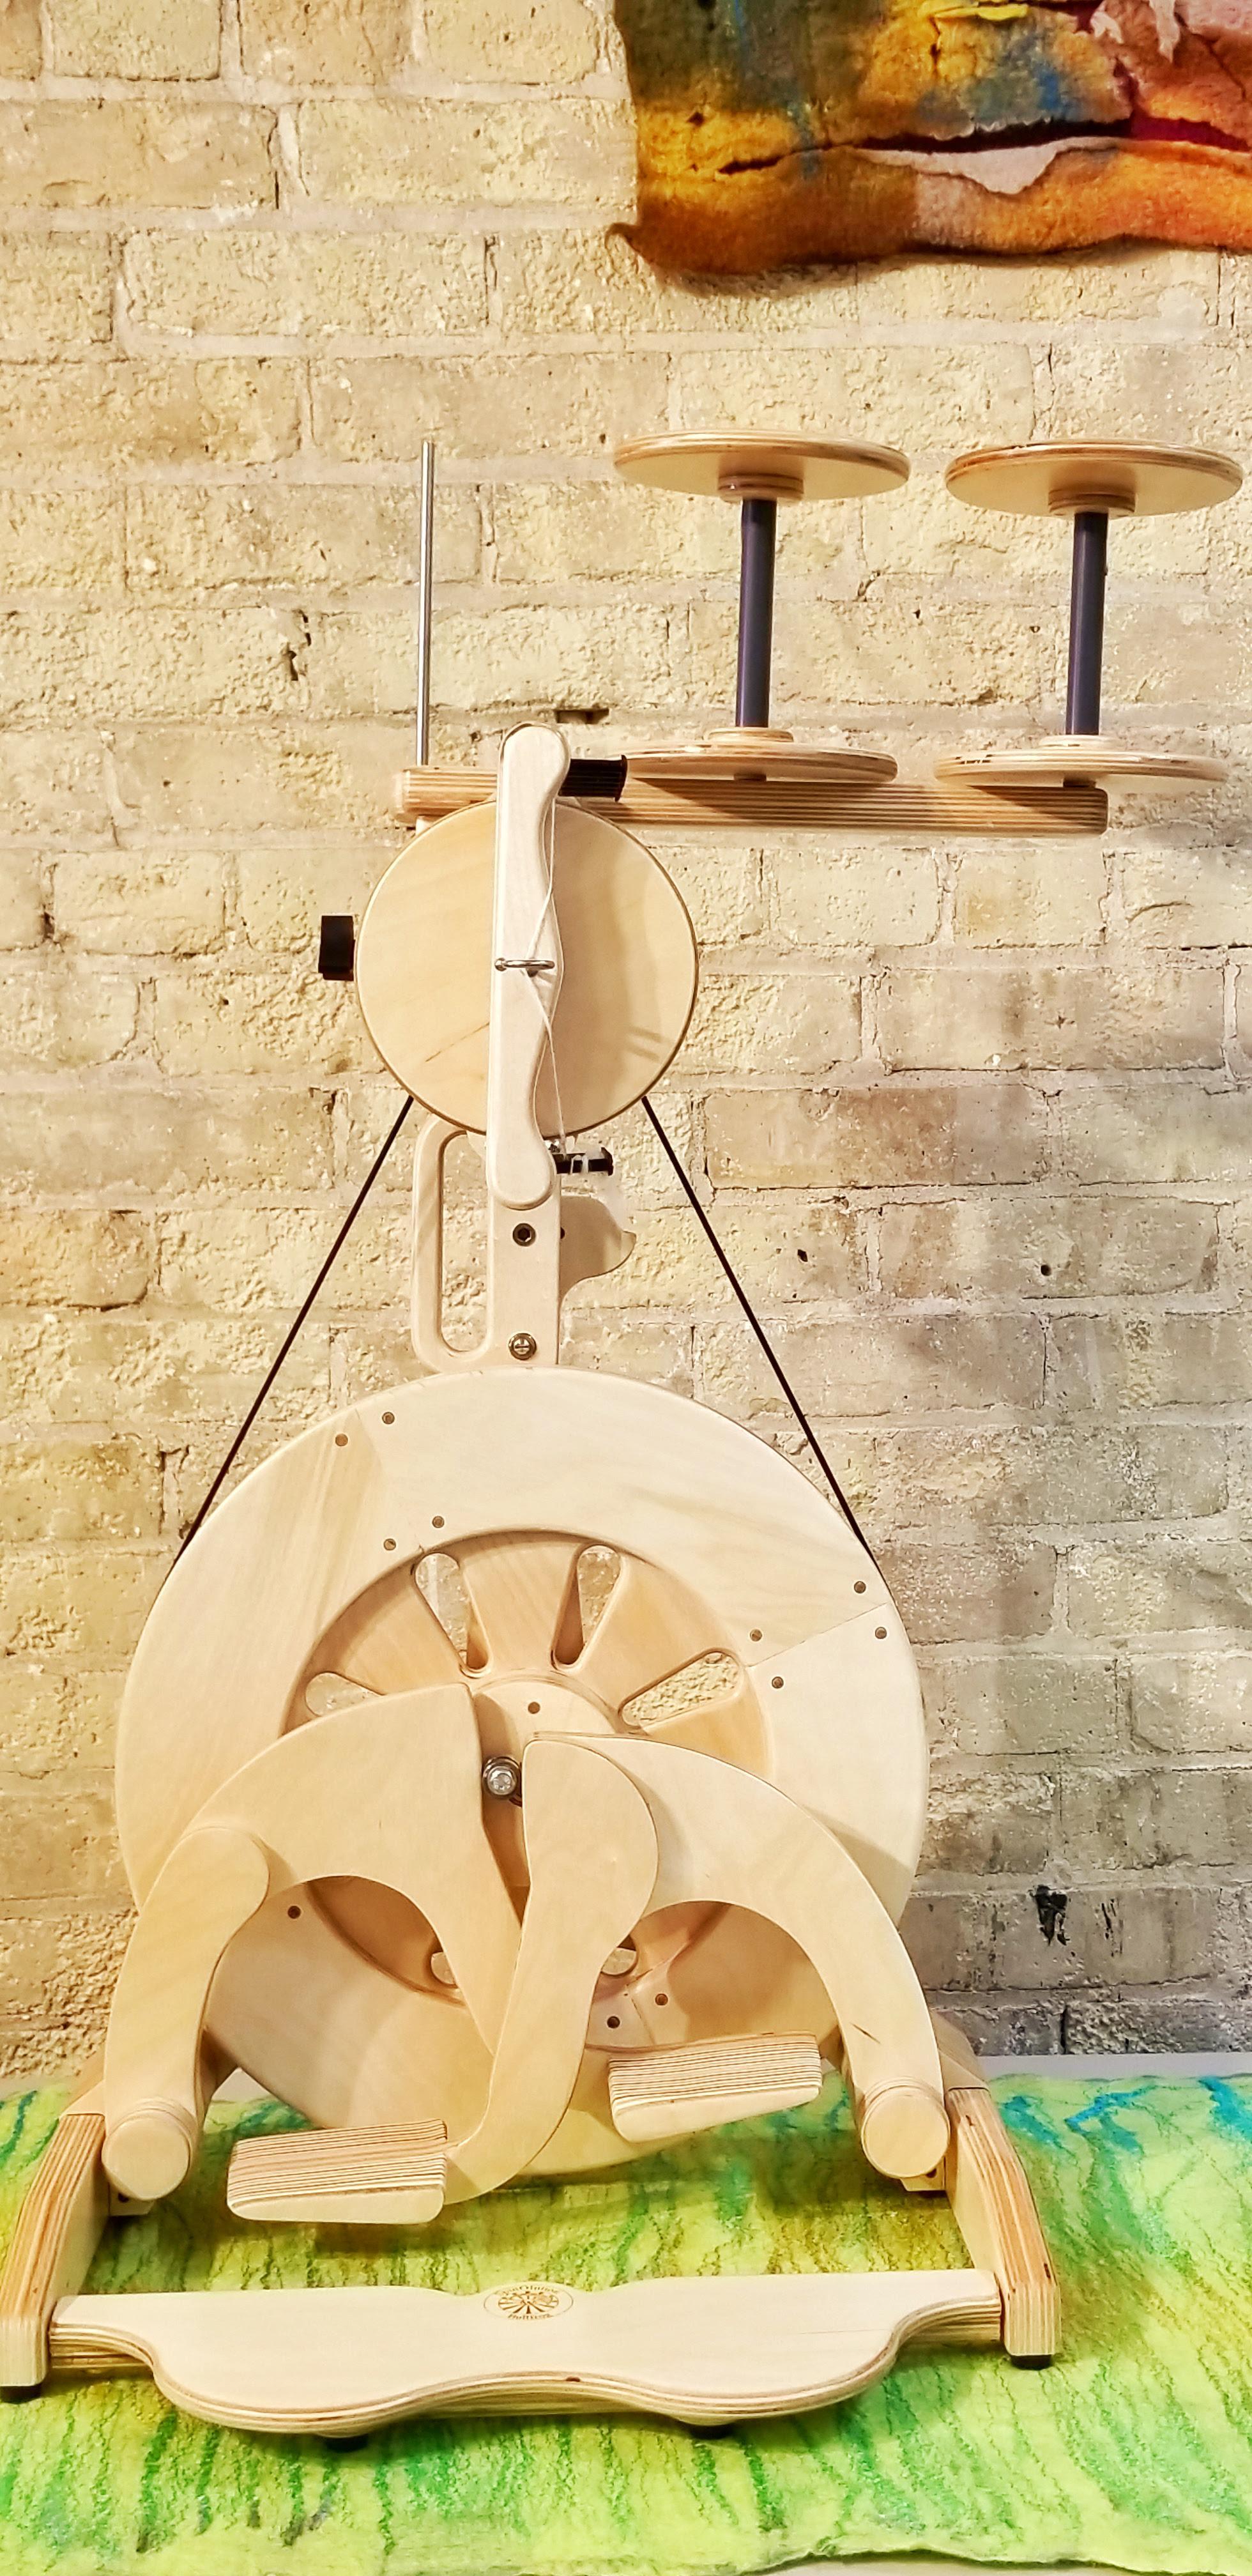 Bullfrog Folding Spinning Wheel from Spinolution